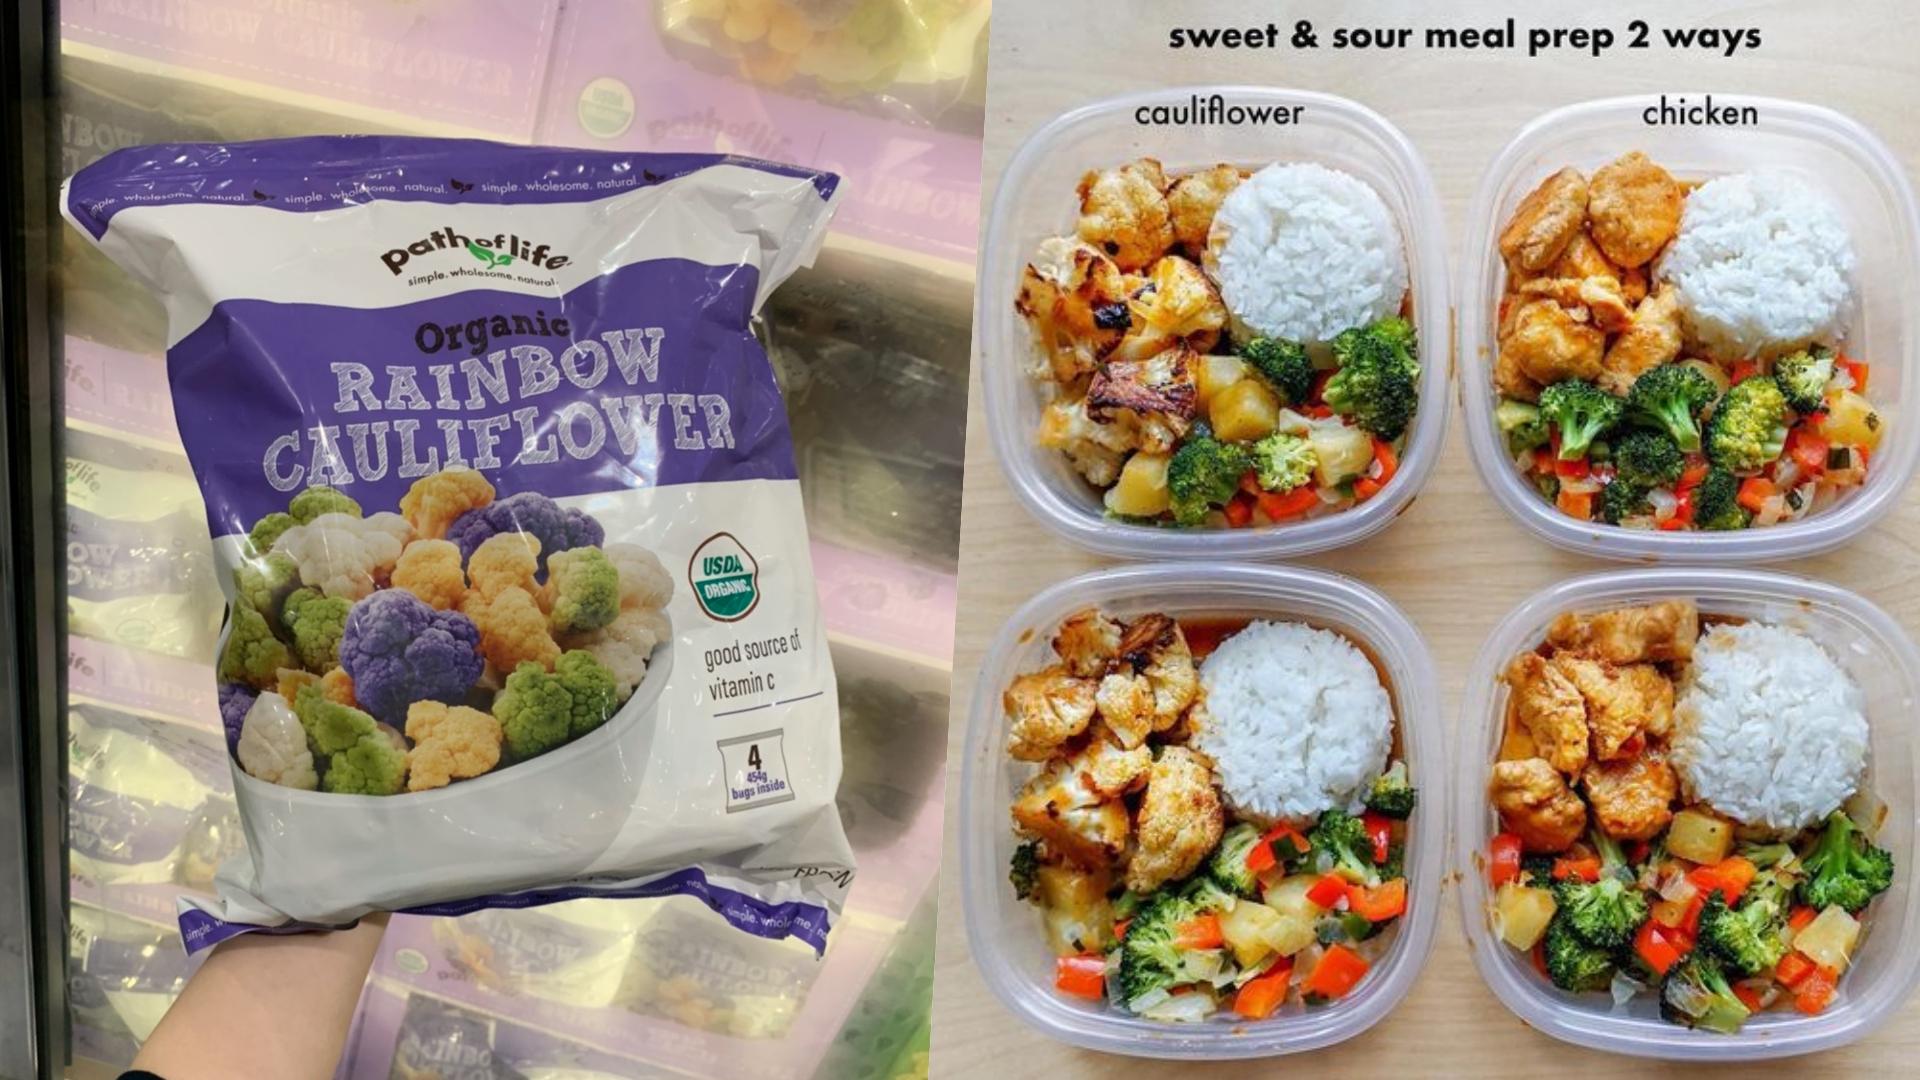 冷凍有機花椰菜,顏色鮮豔好看的花椰菜是減肥便當不能缺少的神物!